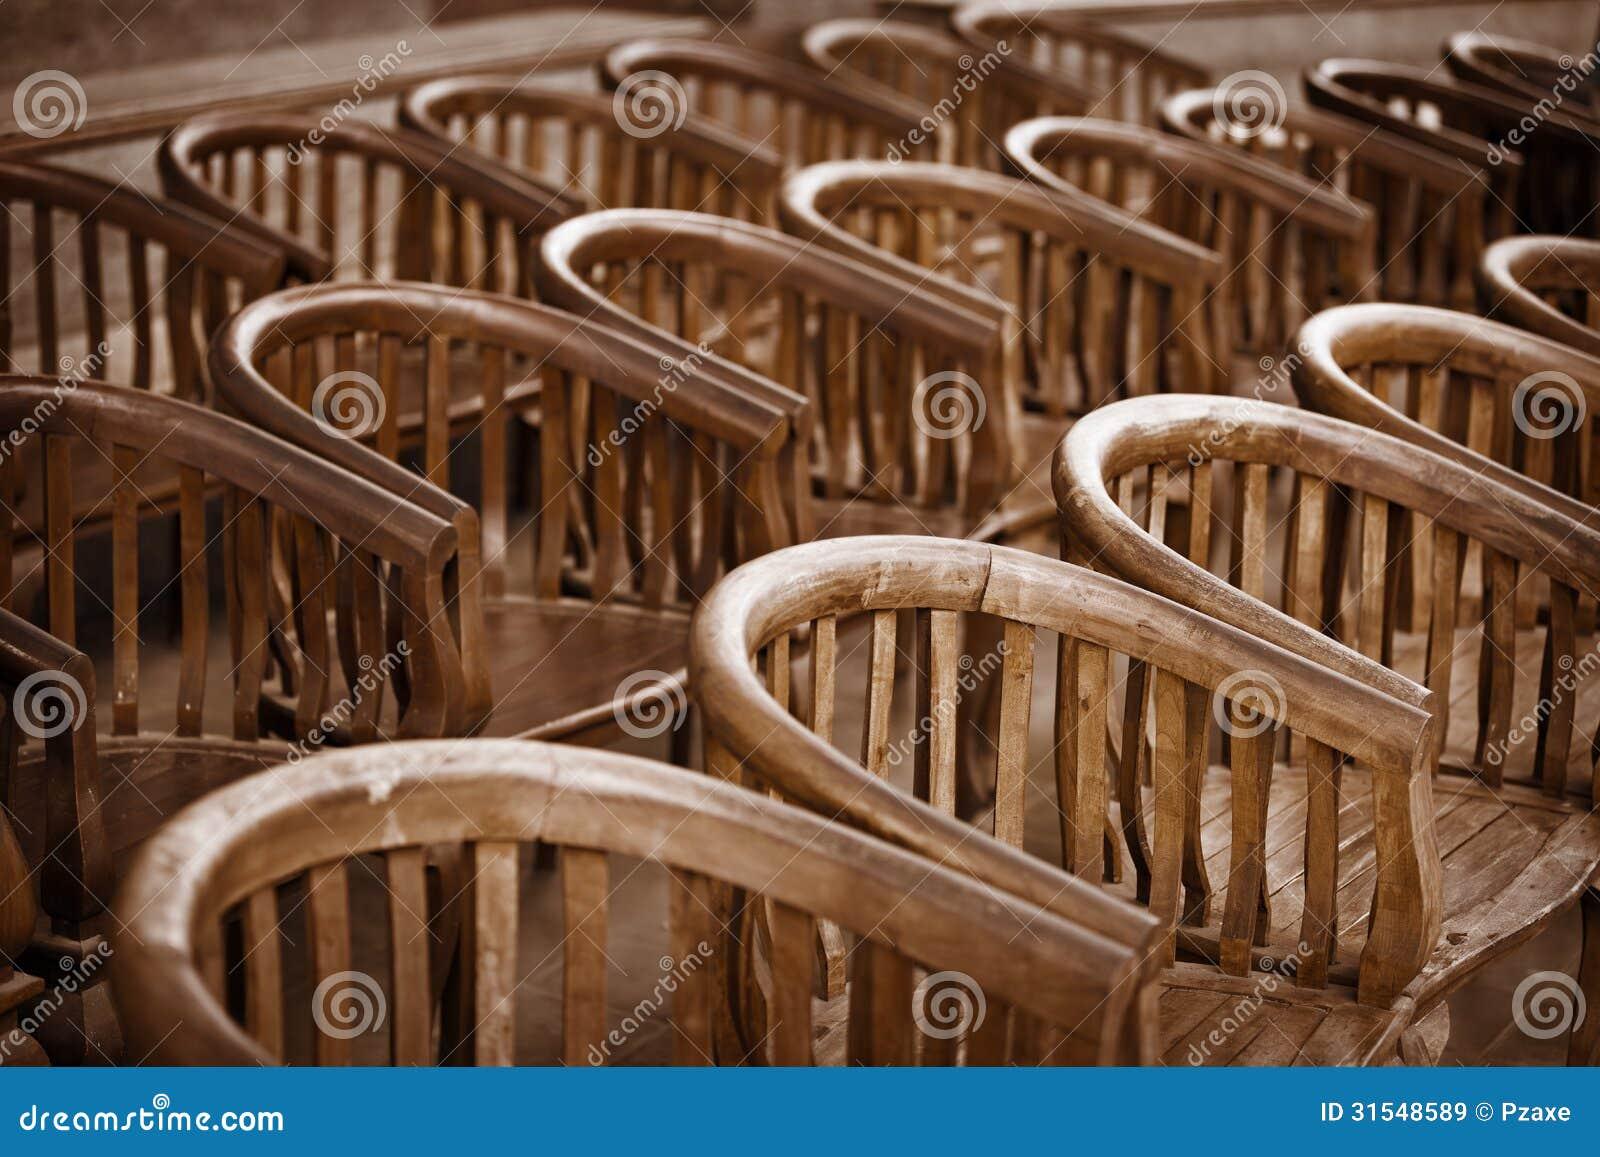 Stock Sedie Di Legno.Vecchie Sedie Di Legno Nel Teatro Immagine Stock Immagine Di